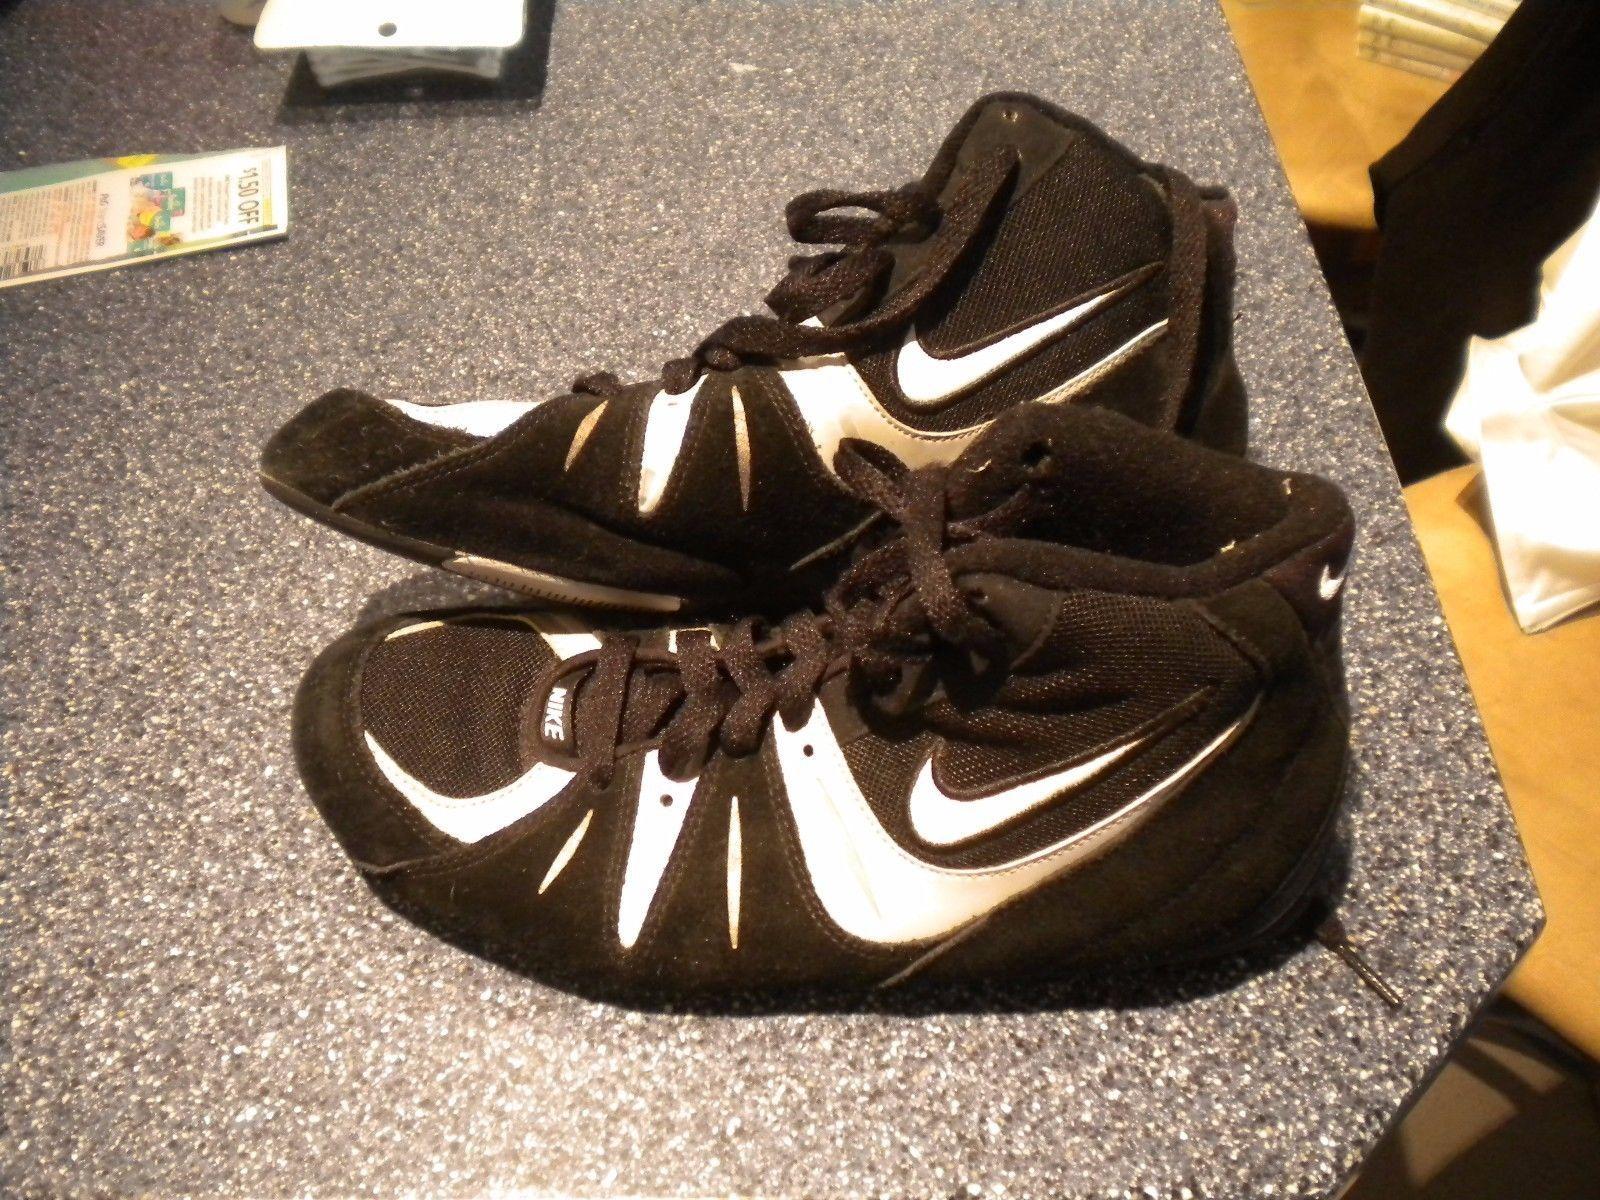 Nike Speedsweep VI Lace Pocket Team Wrestling Shoes Men's Size 7.5 ...